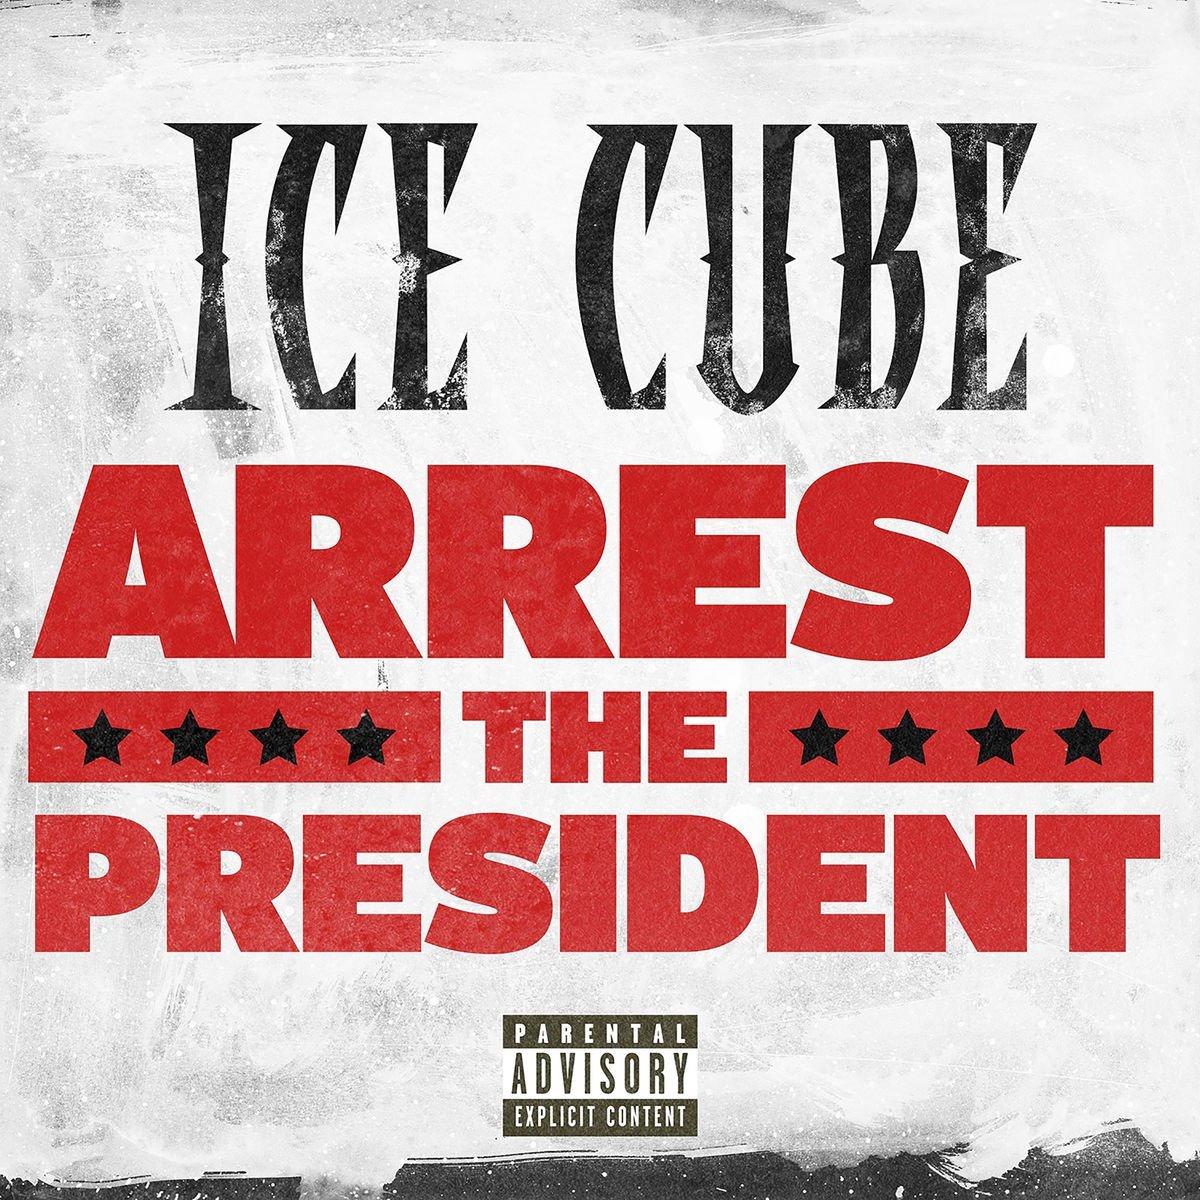 """Ice Cube атакует Трампа в новом треке """"Arrest the president"""""""